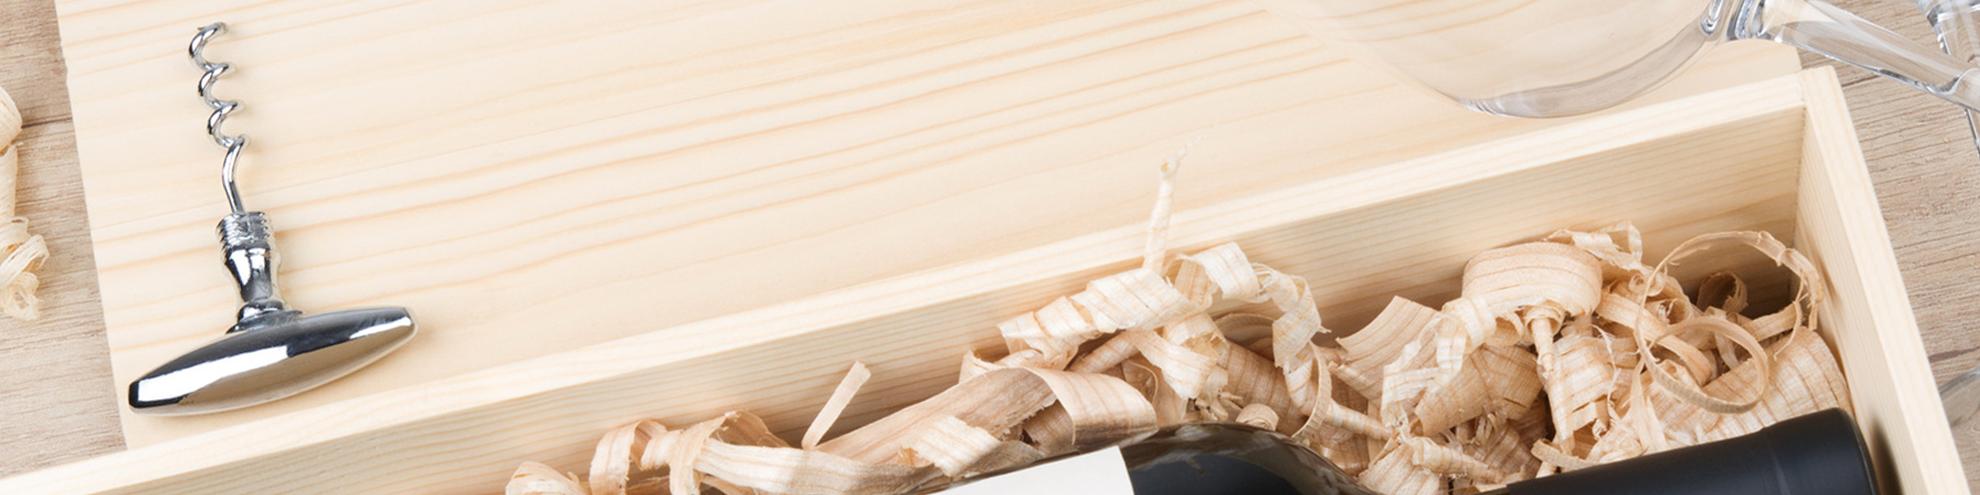 producent skrzynek z drewna